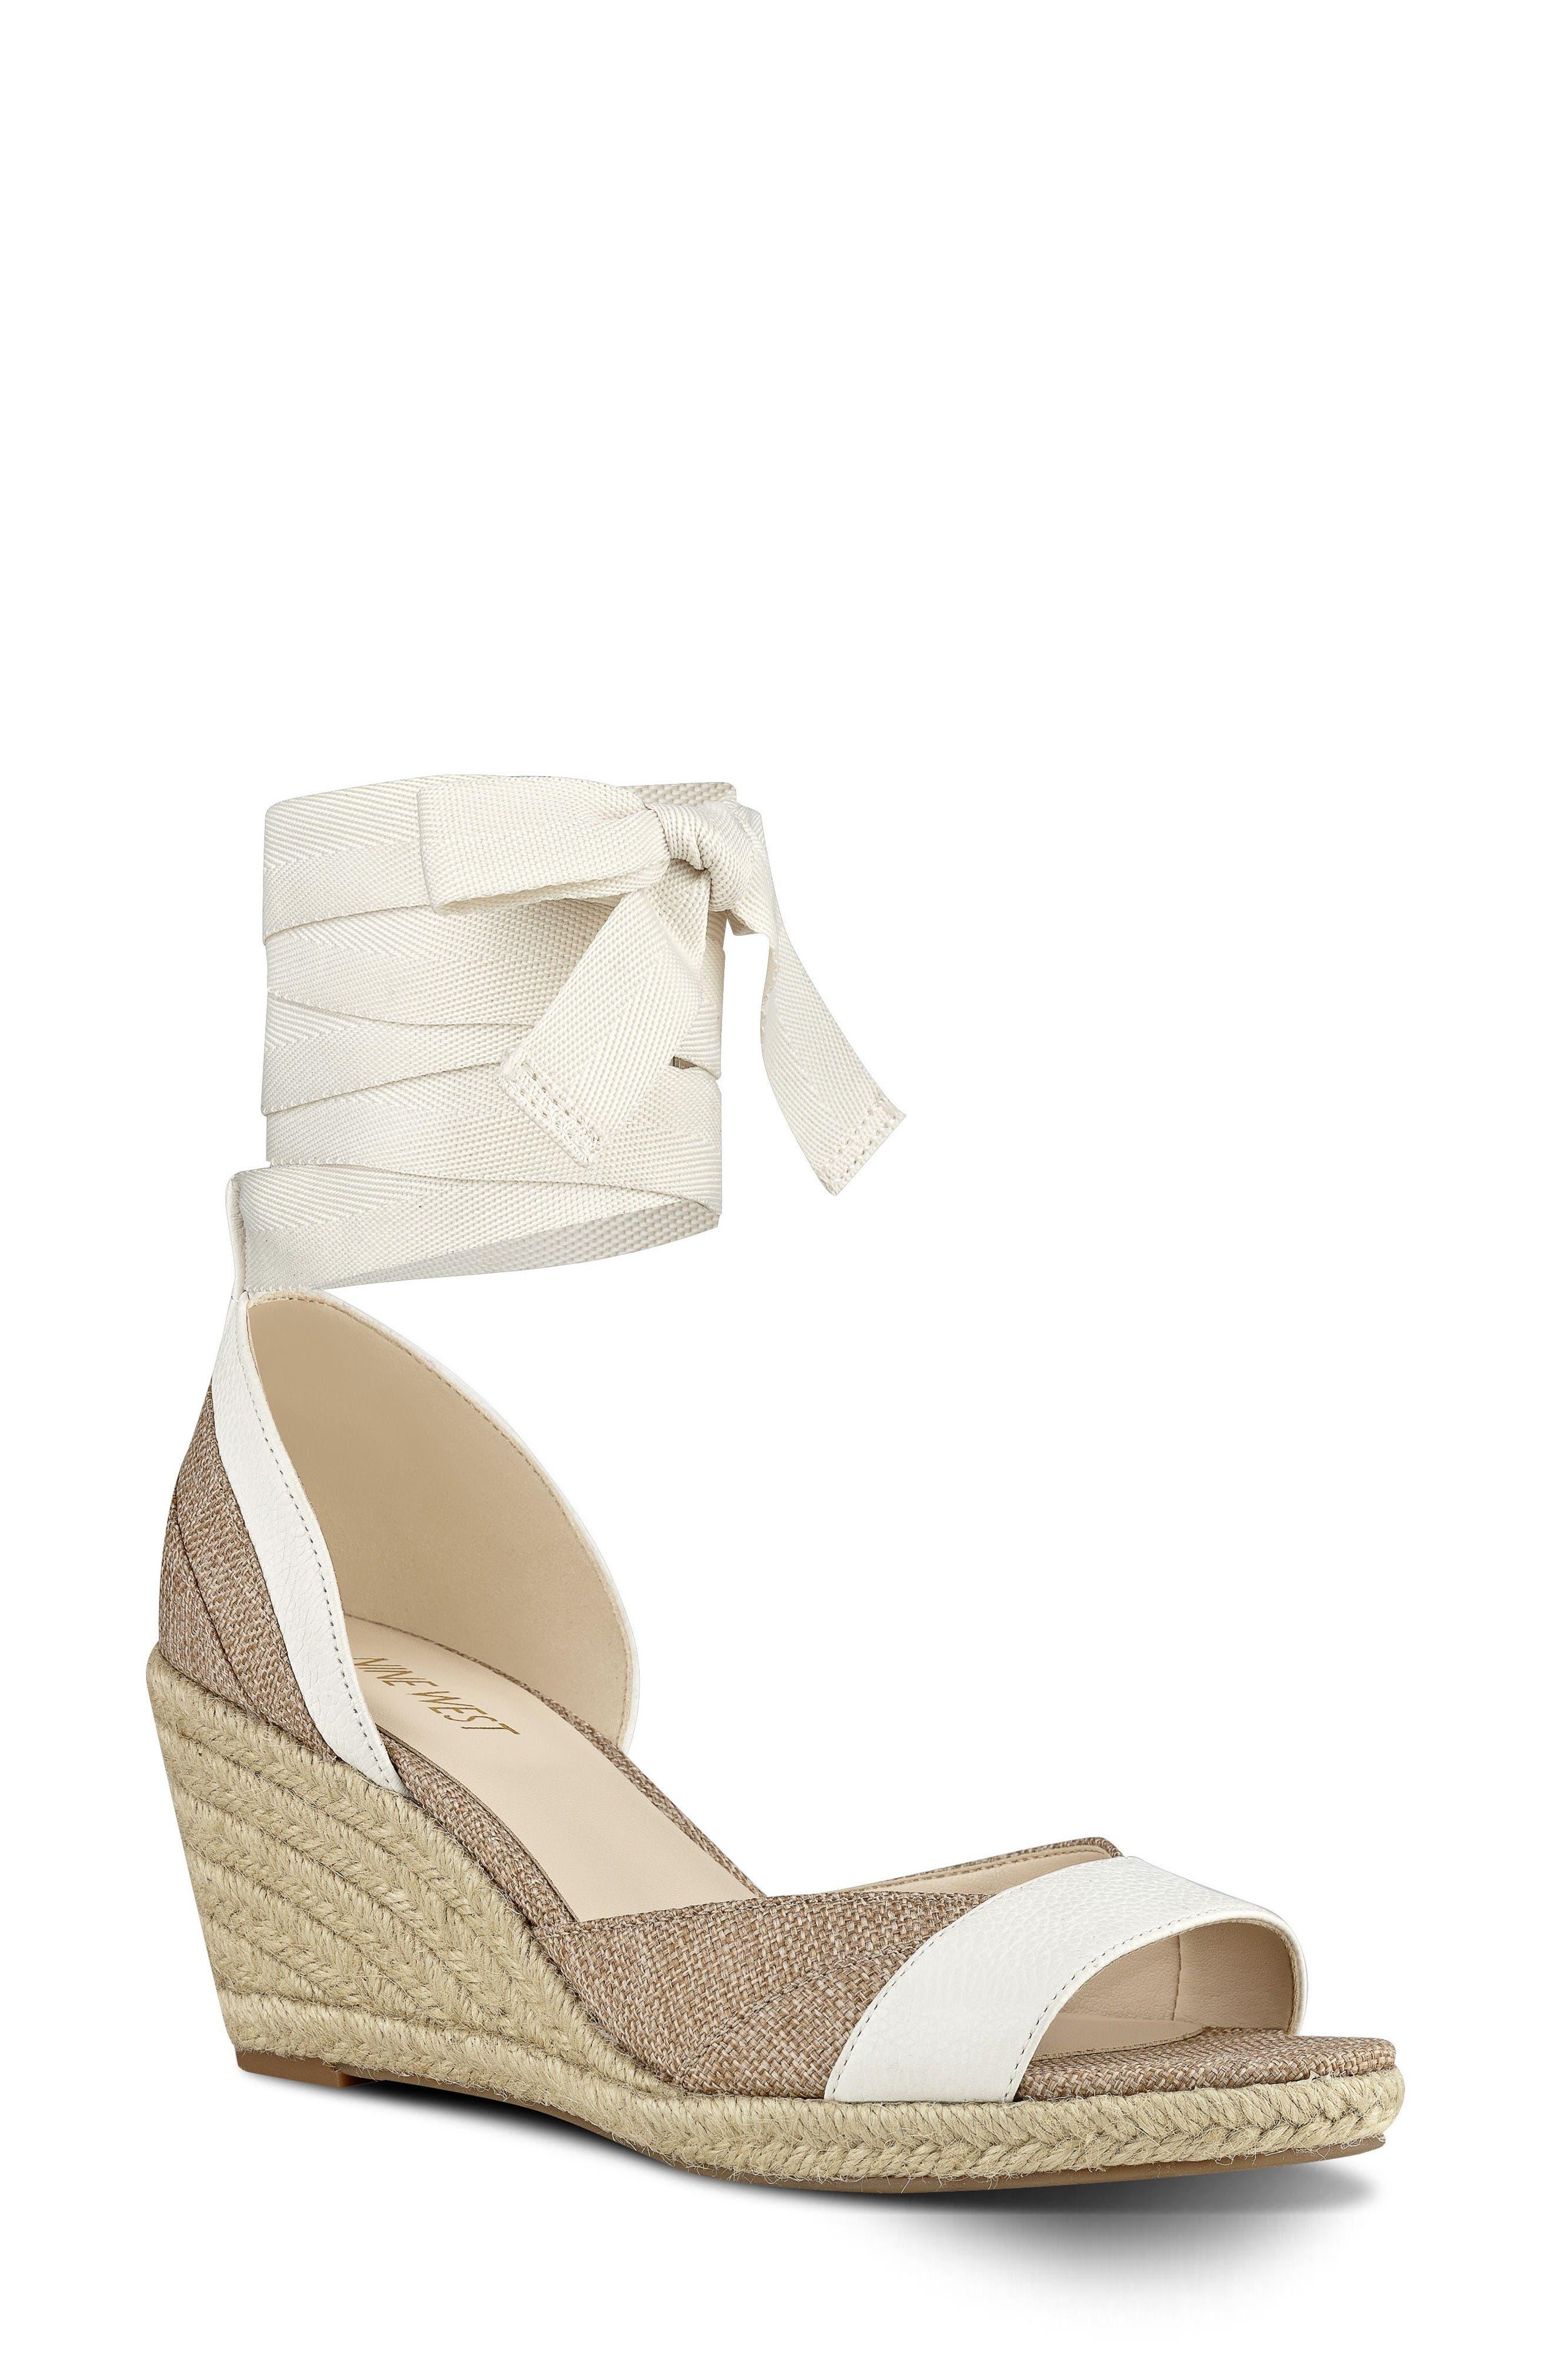 Main Image - Nine West Jaxel Ankle Tie Wedge Sandal (Women)